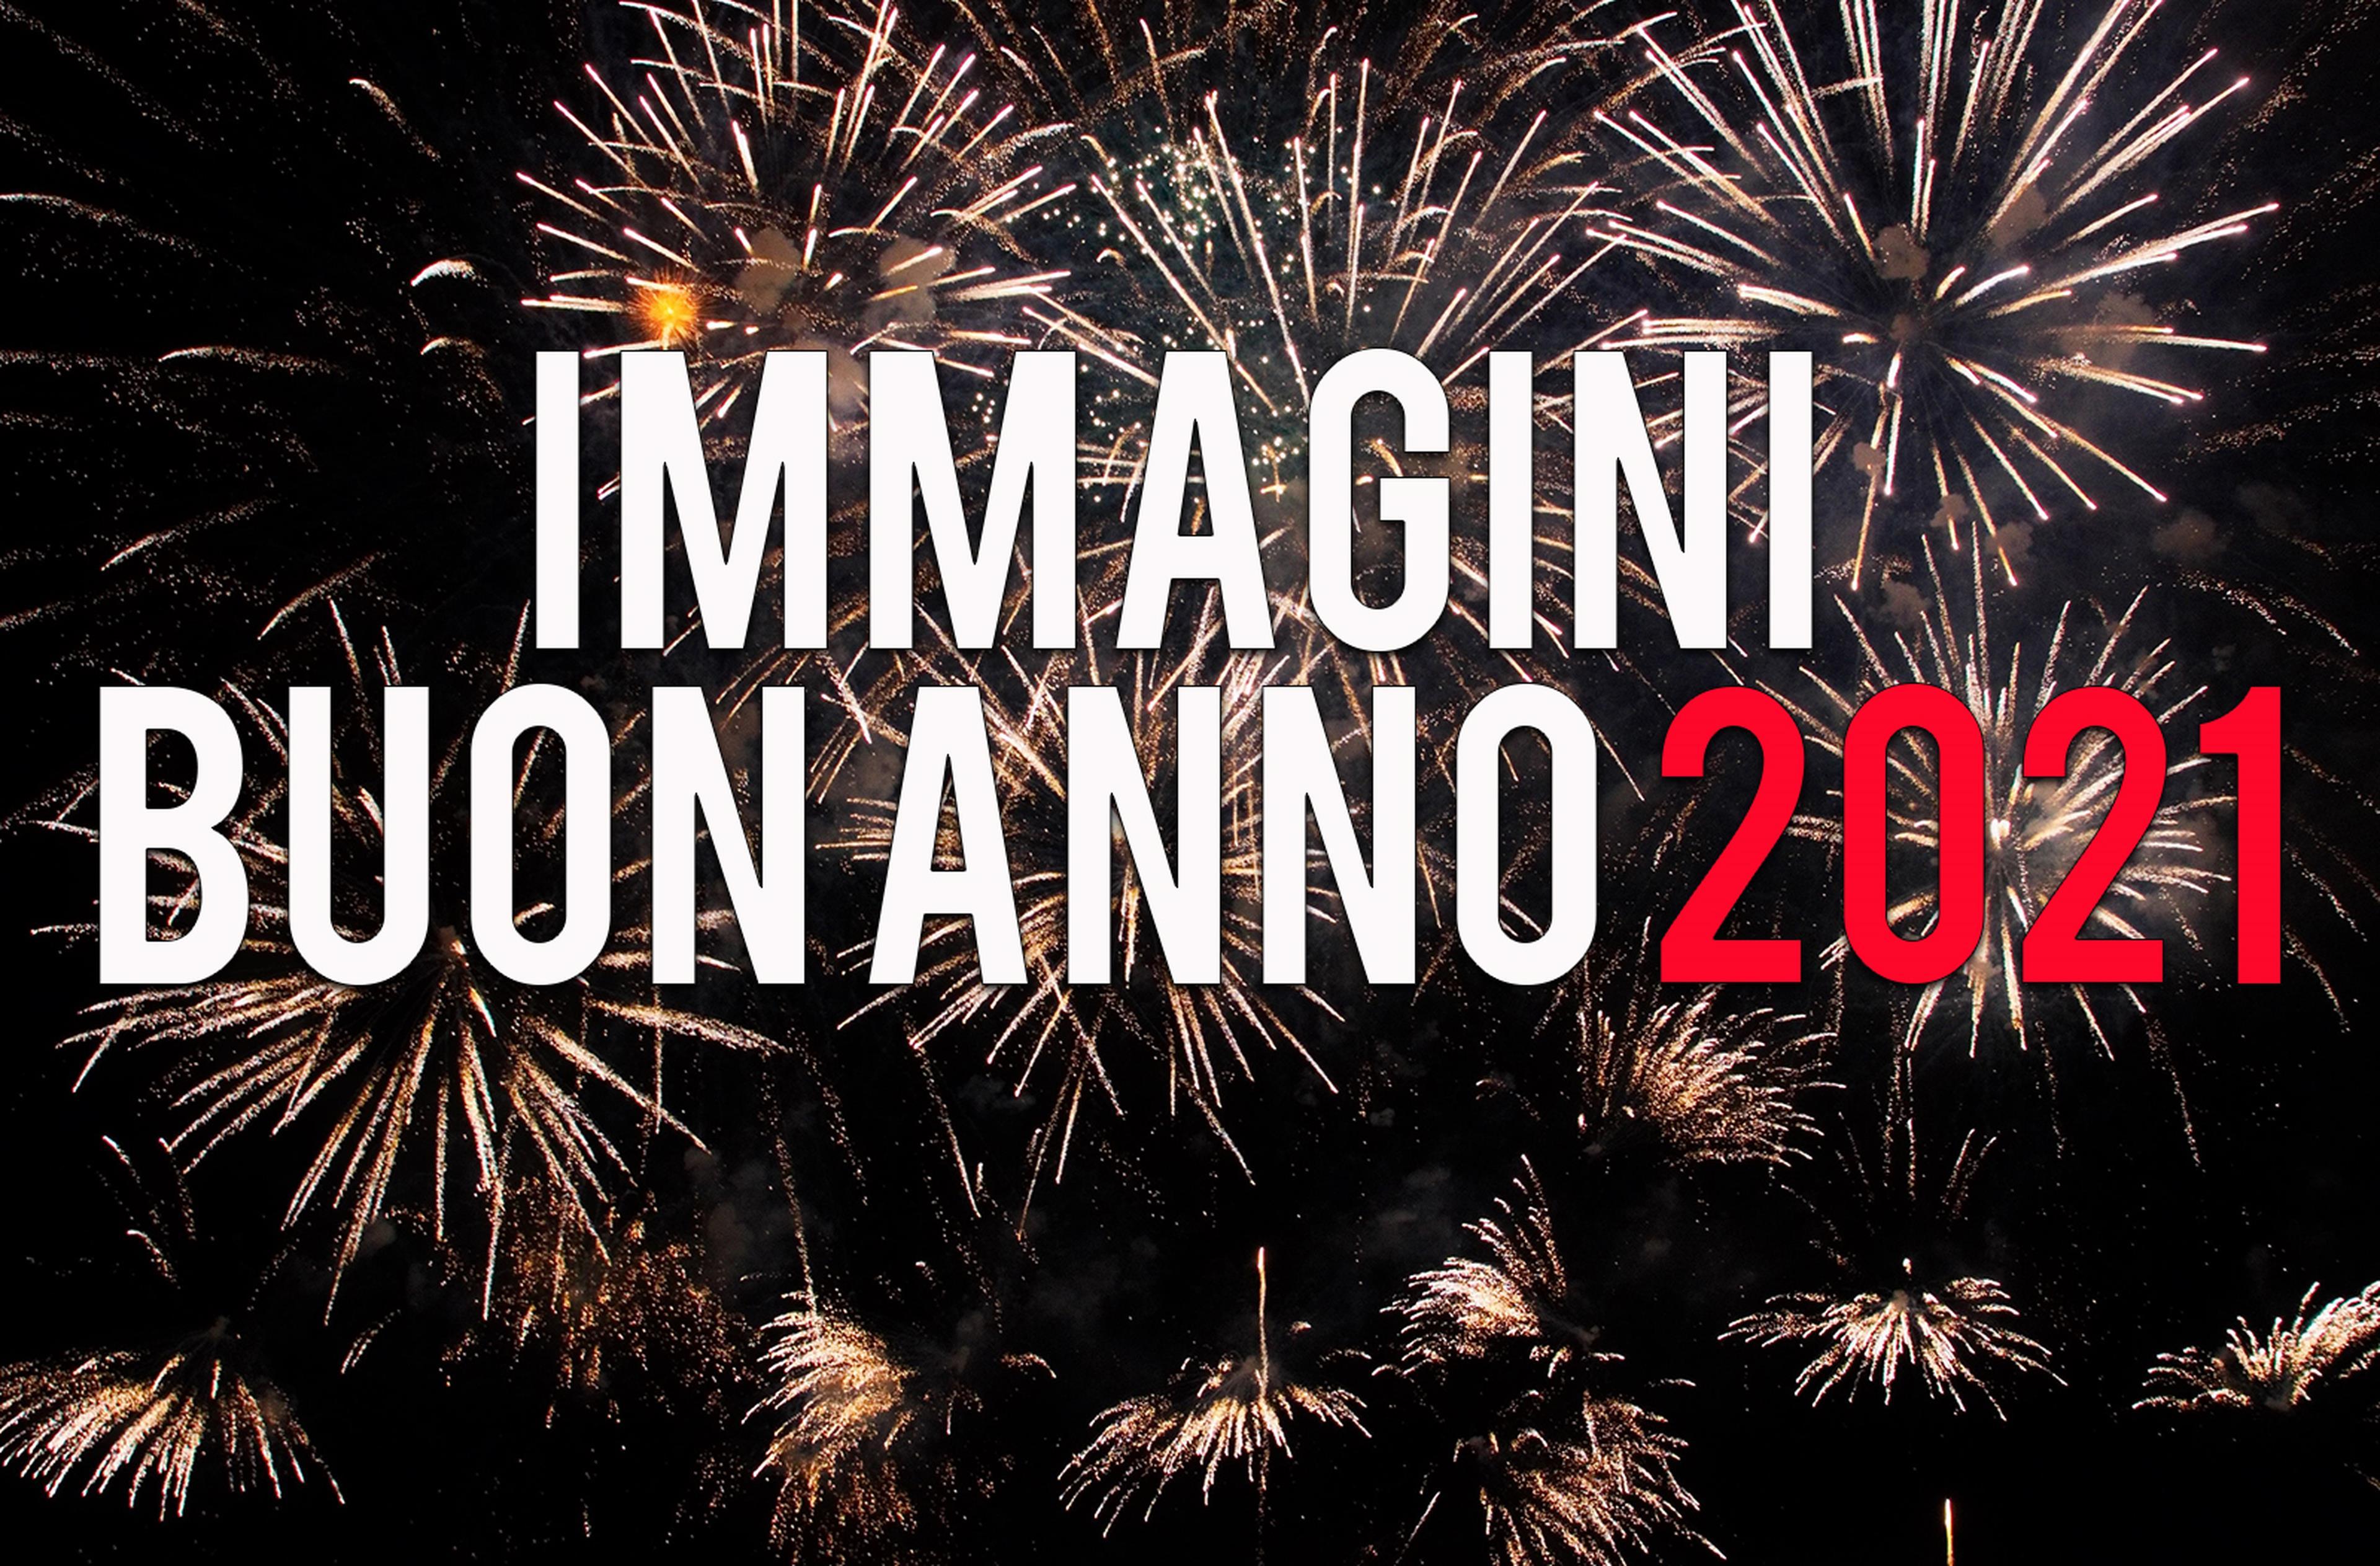 Copertina immagini di buon anno 2021